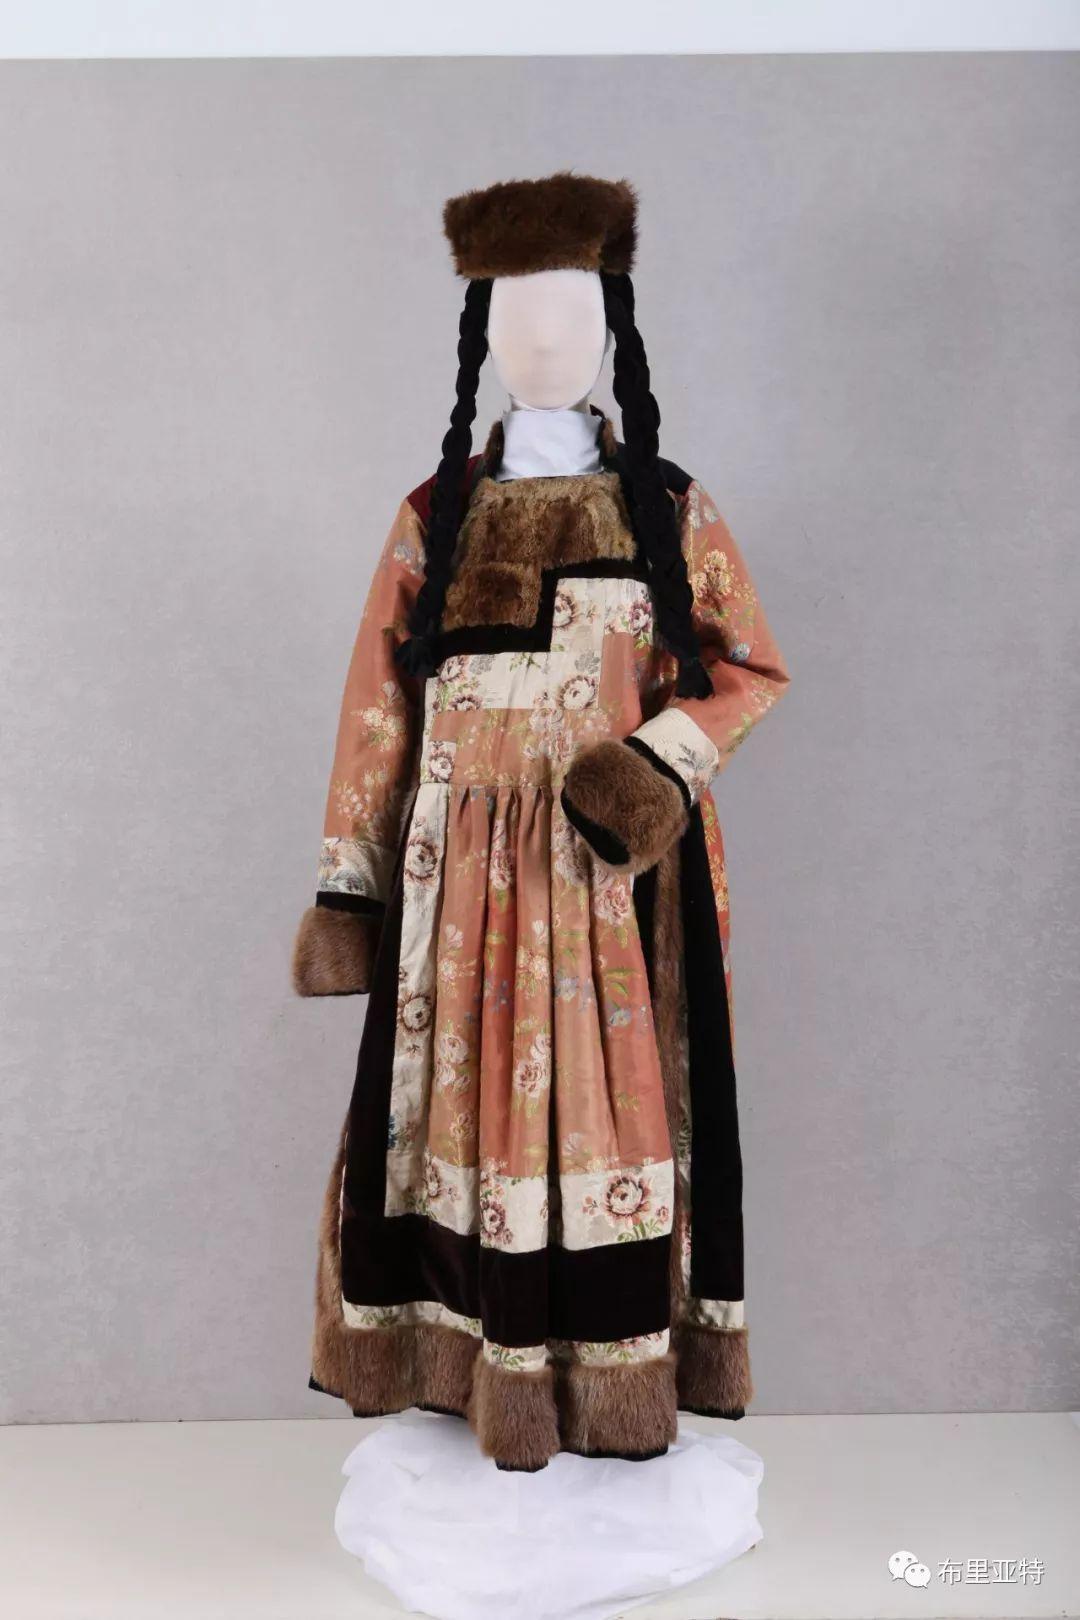 达斡尔布里亚特了解一下 第7张 达斡尔布里亚特了解一下 蒙古文化